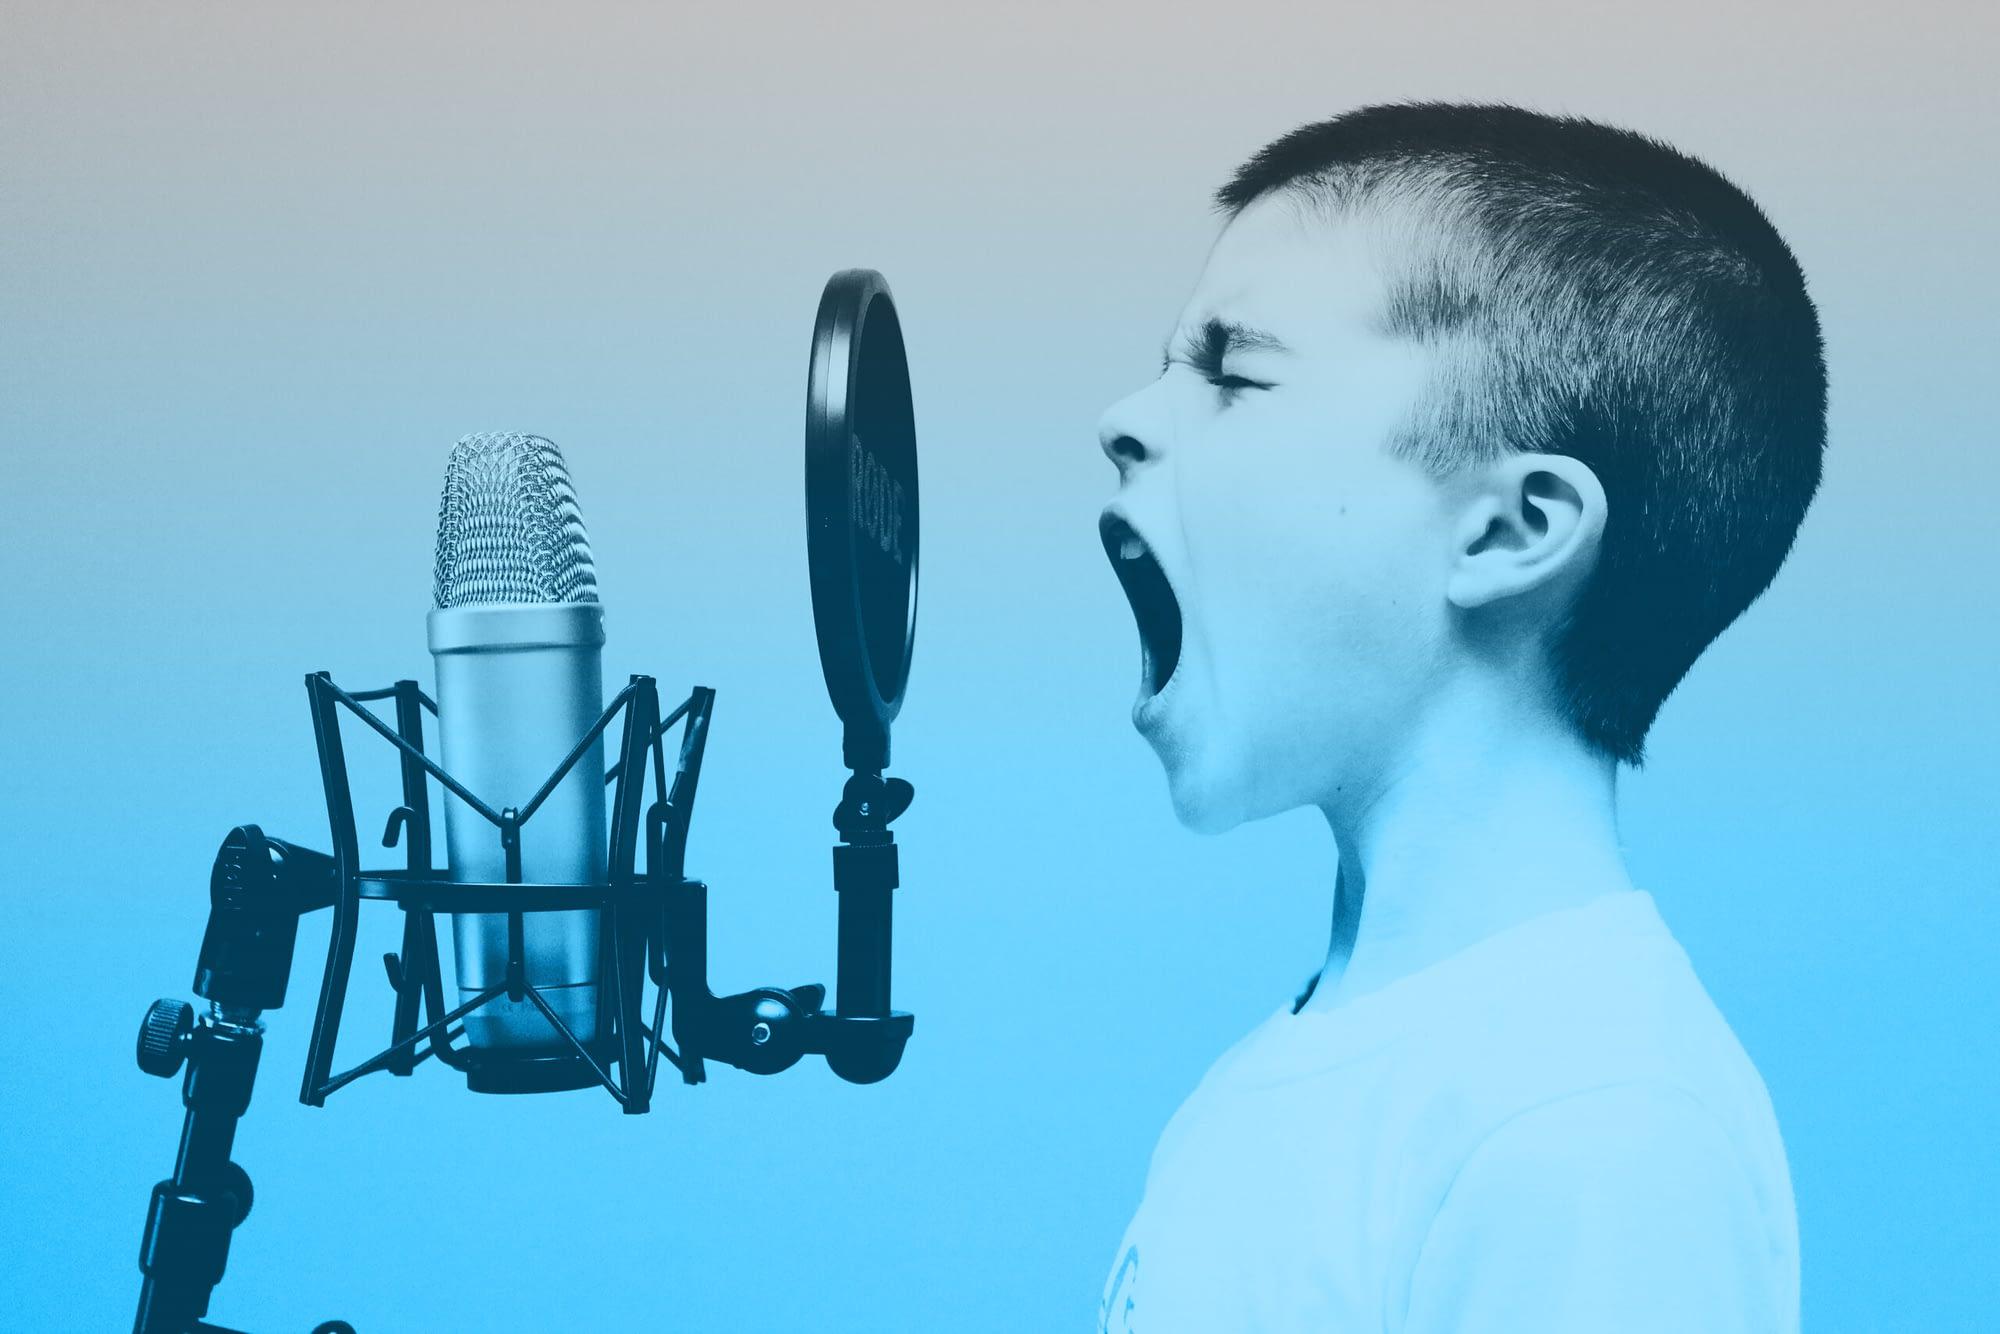 Hoe geluid moet worden ingezet